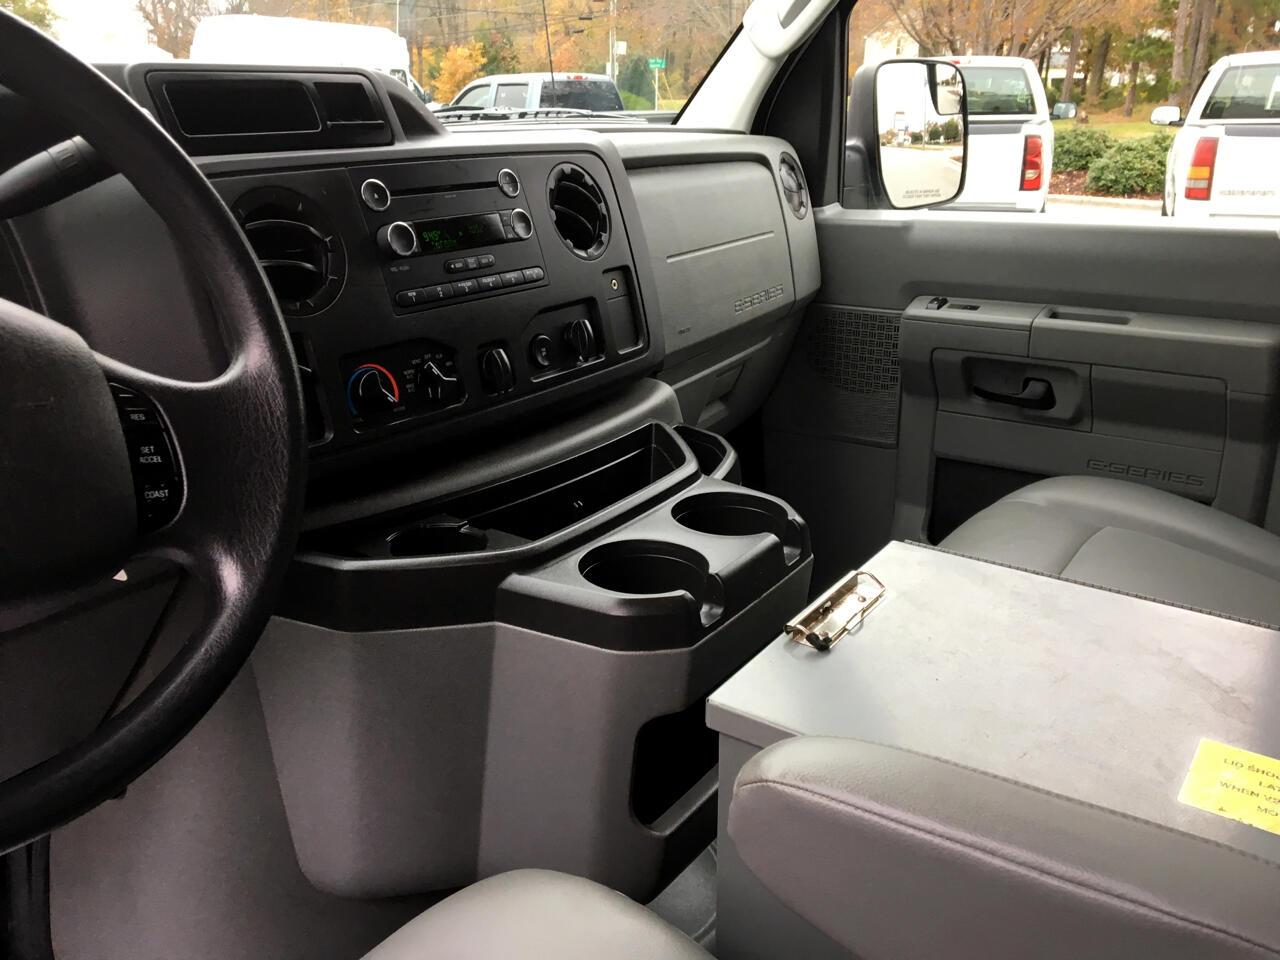 2014 Ford Econoline E-150